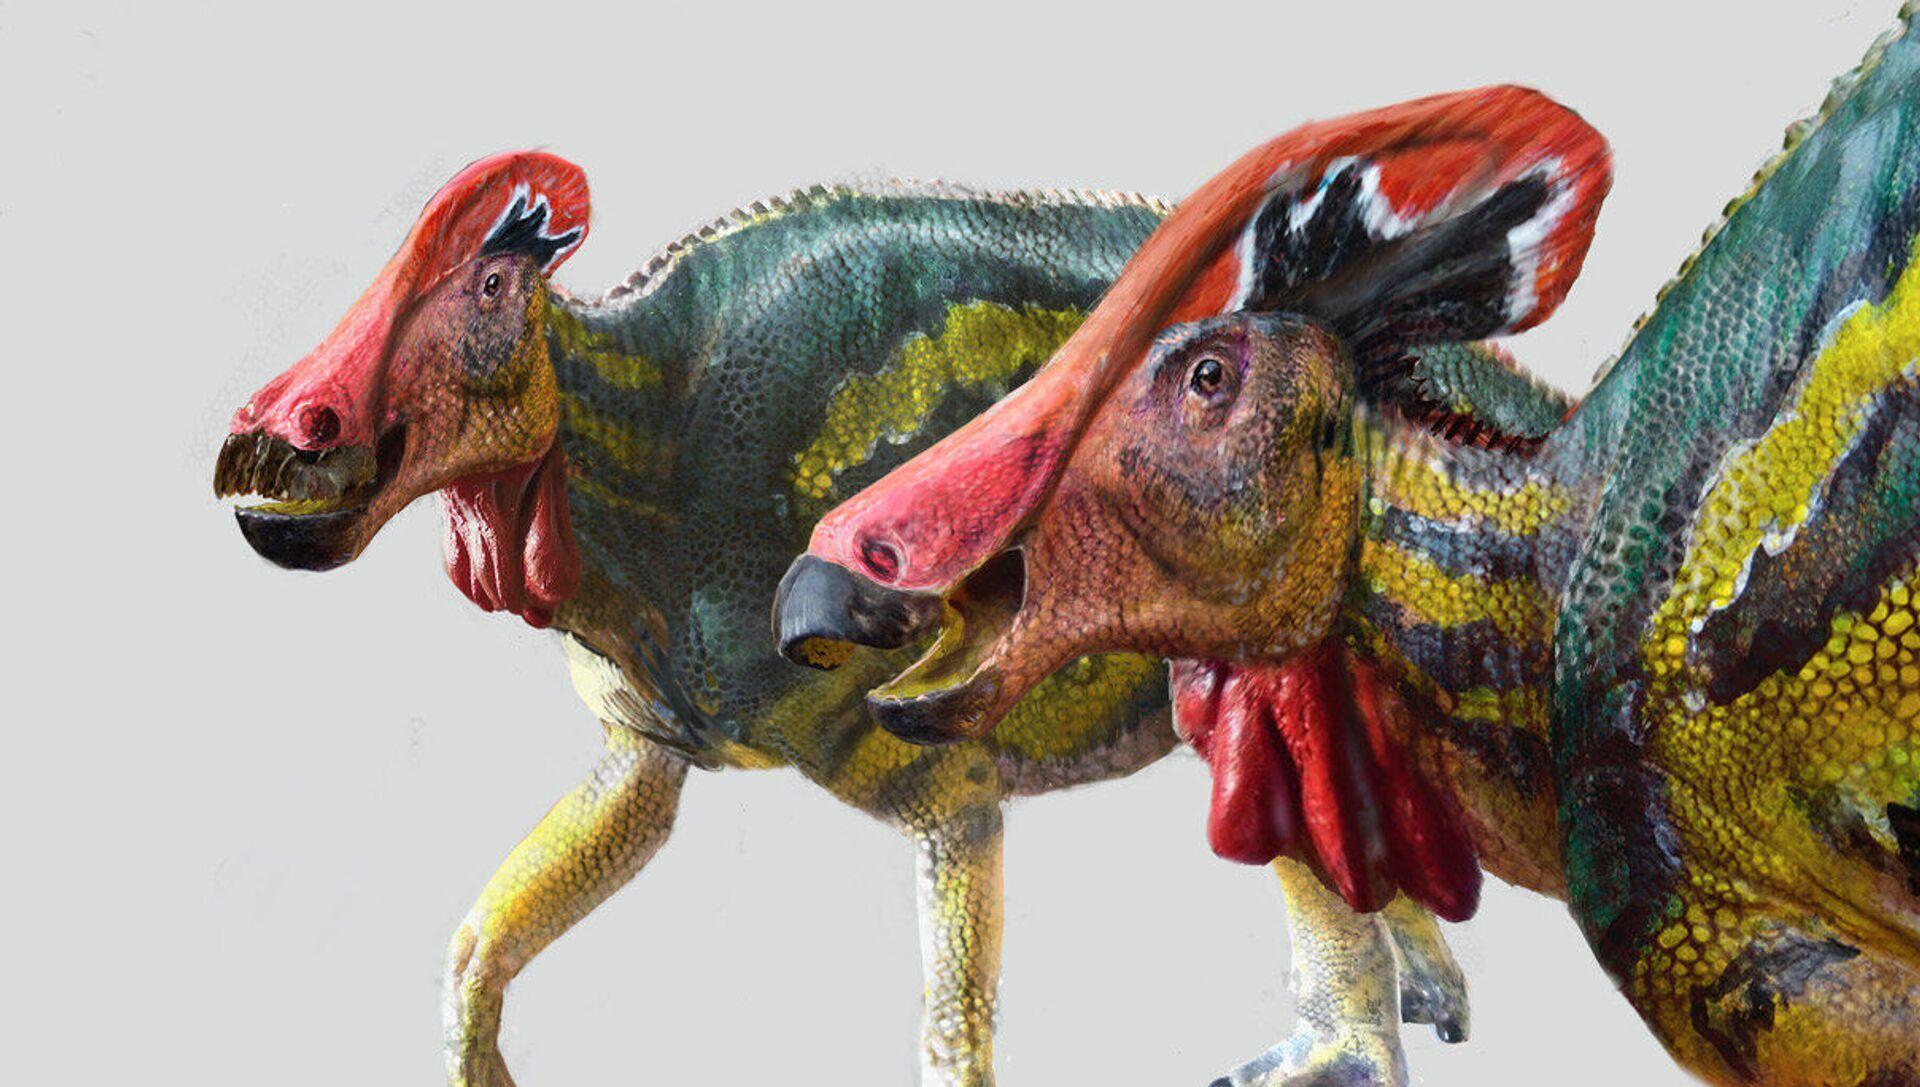 Dinozaur Tlatolophus galorum - Sputnik Polska, 1920, 15.05.2021